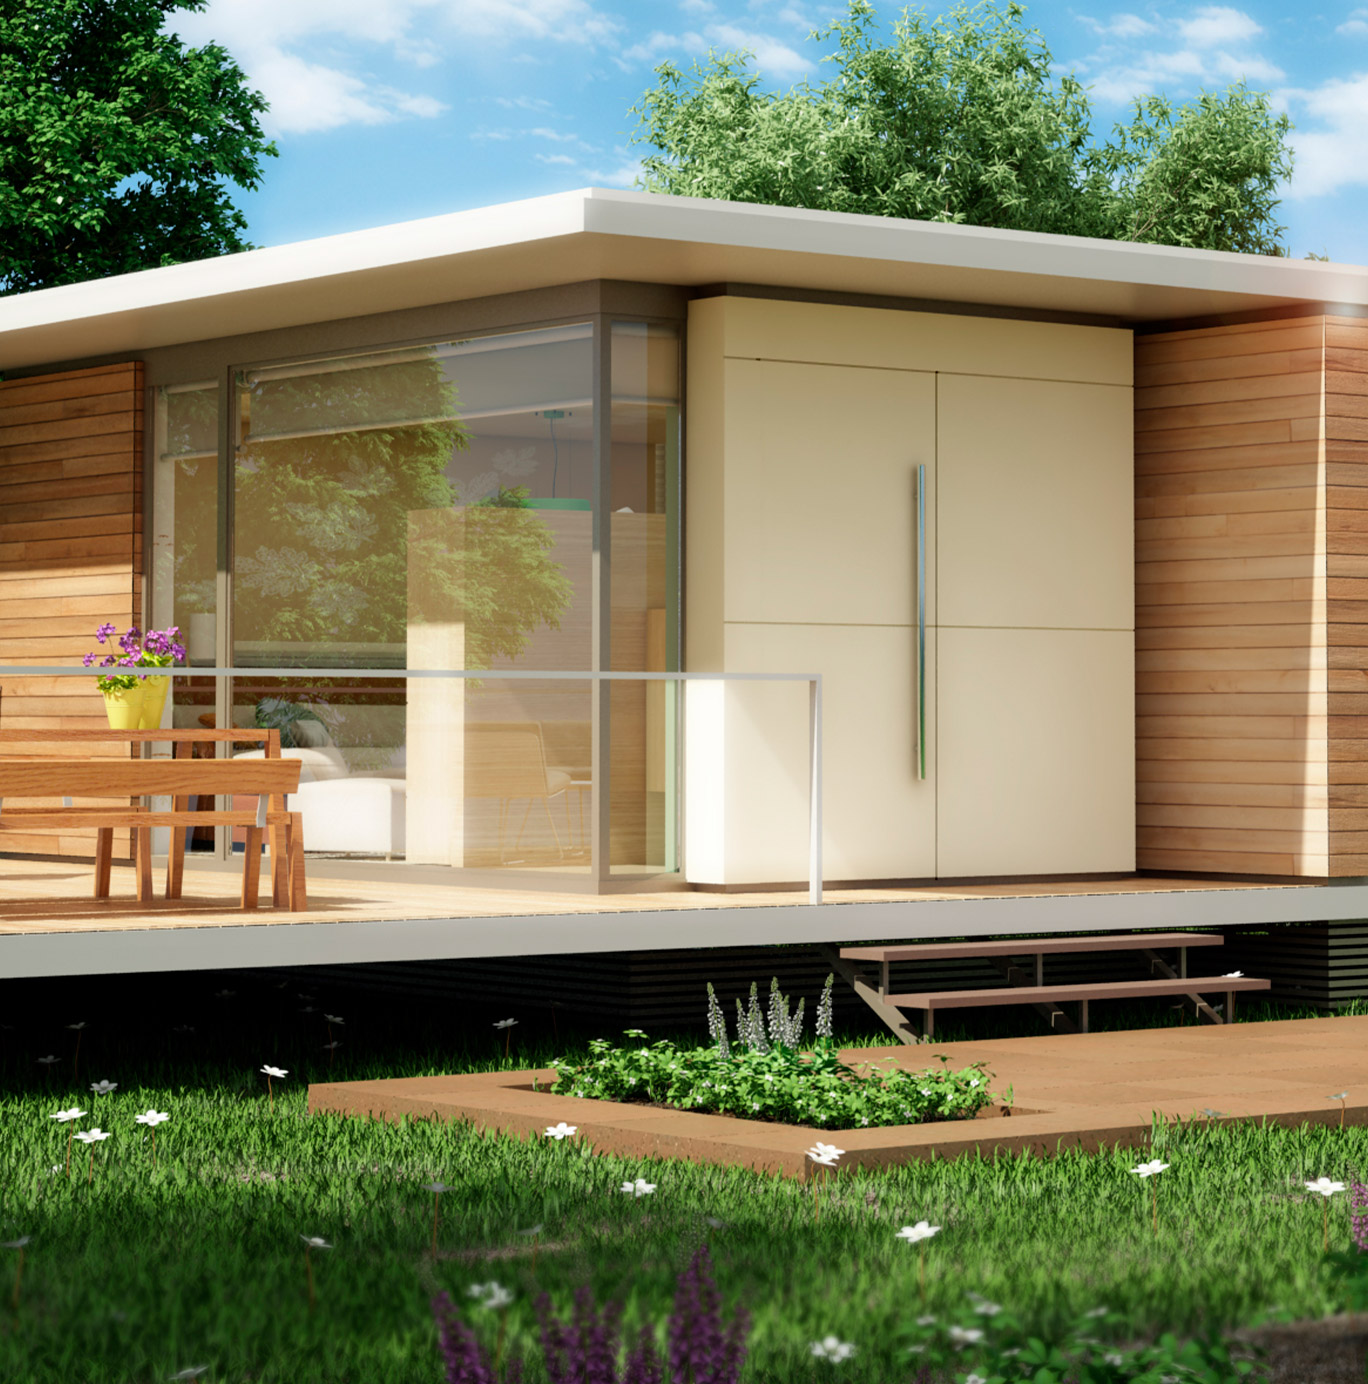 El porche de una de las casas de Nevo / Nevo